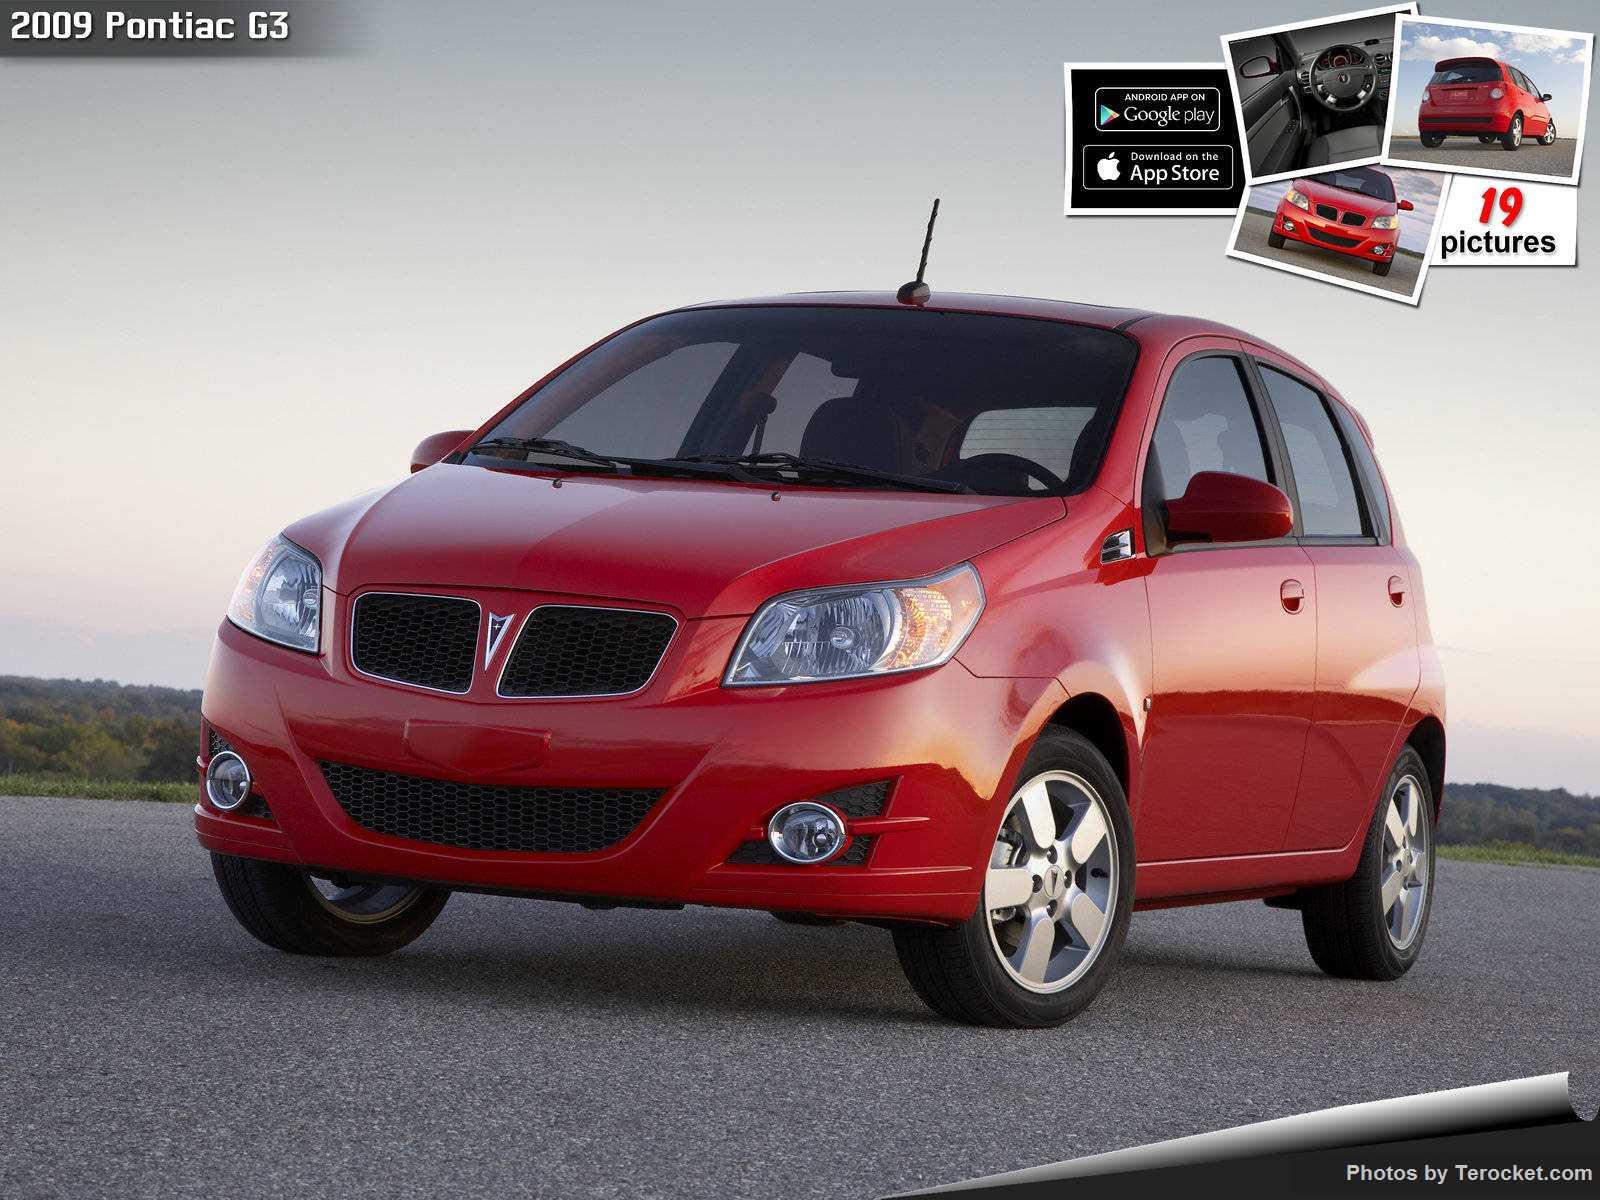 Hình ảnh xe ô tô Pontiac G3 2009 & nội ngoại thất